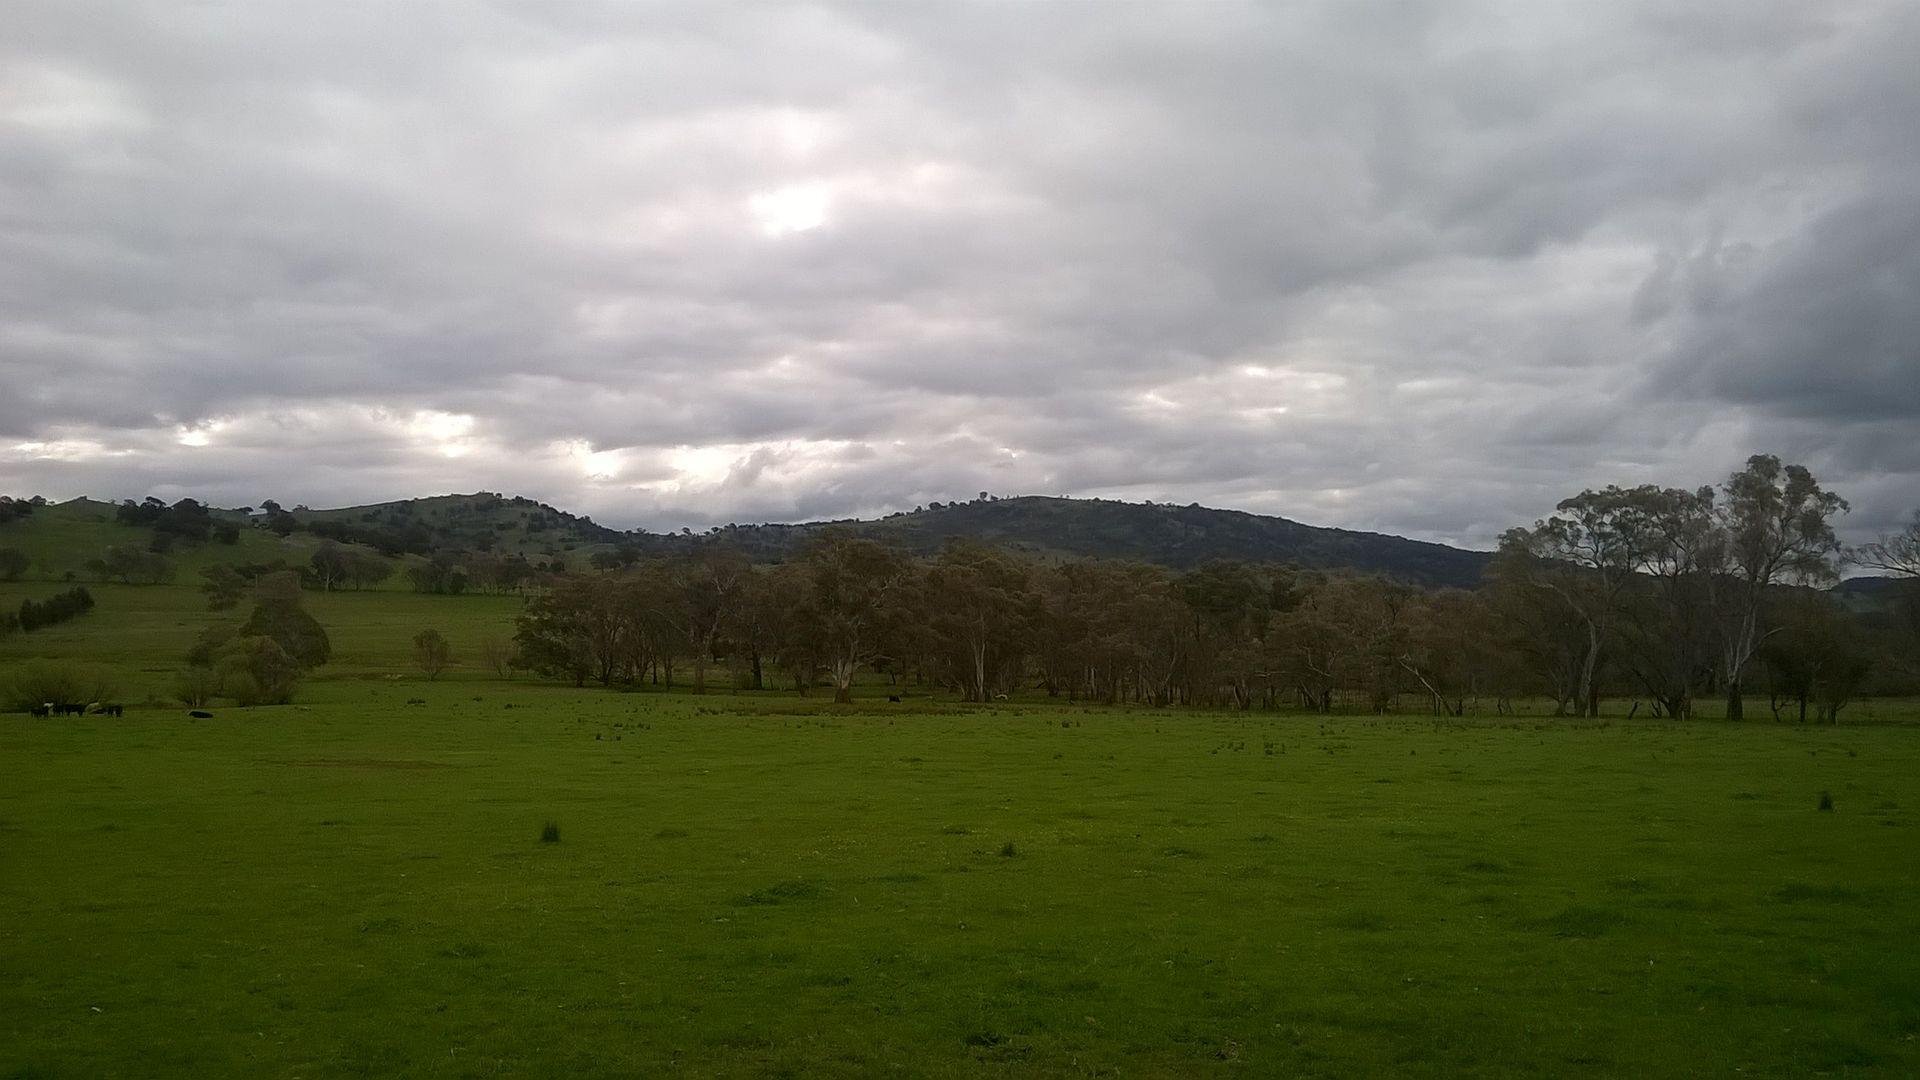 134 Killeens Hill Road, Gooram via Euroa, Euroa VIC 3666, Image 1